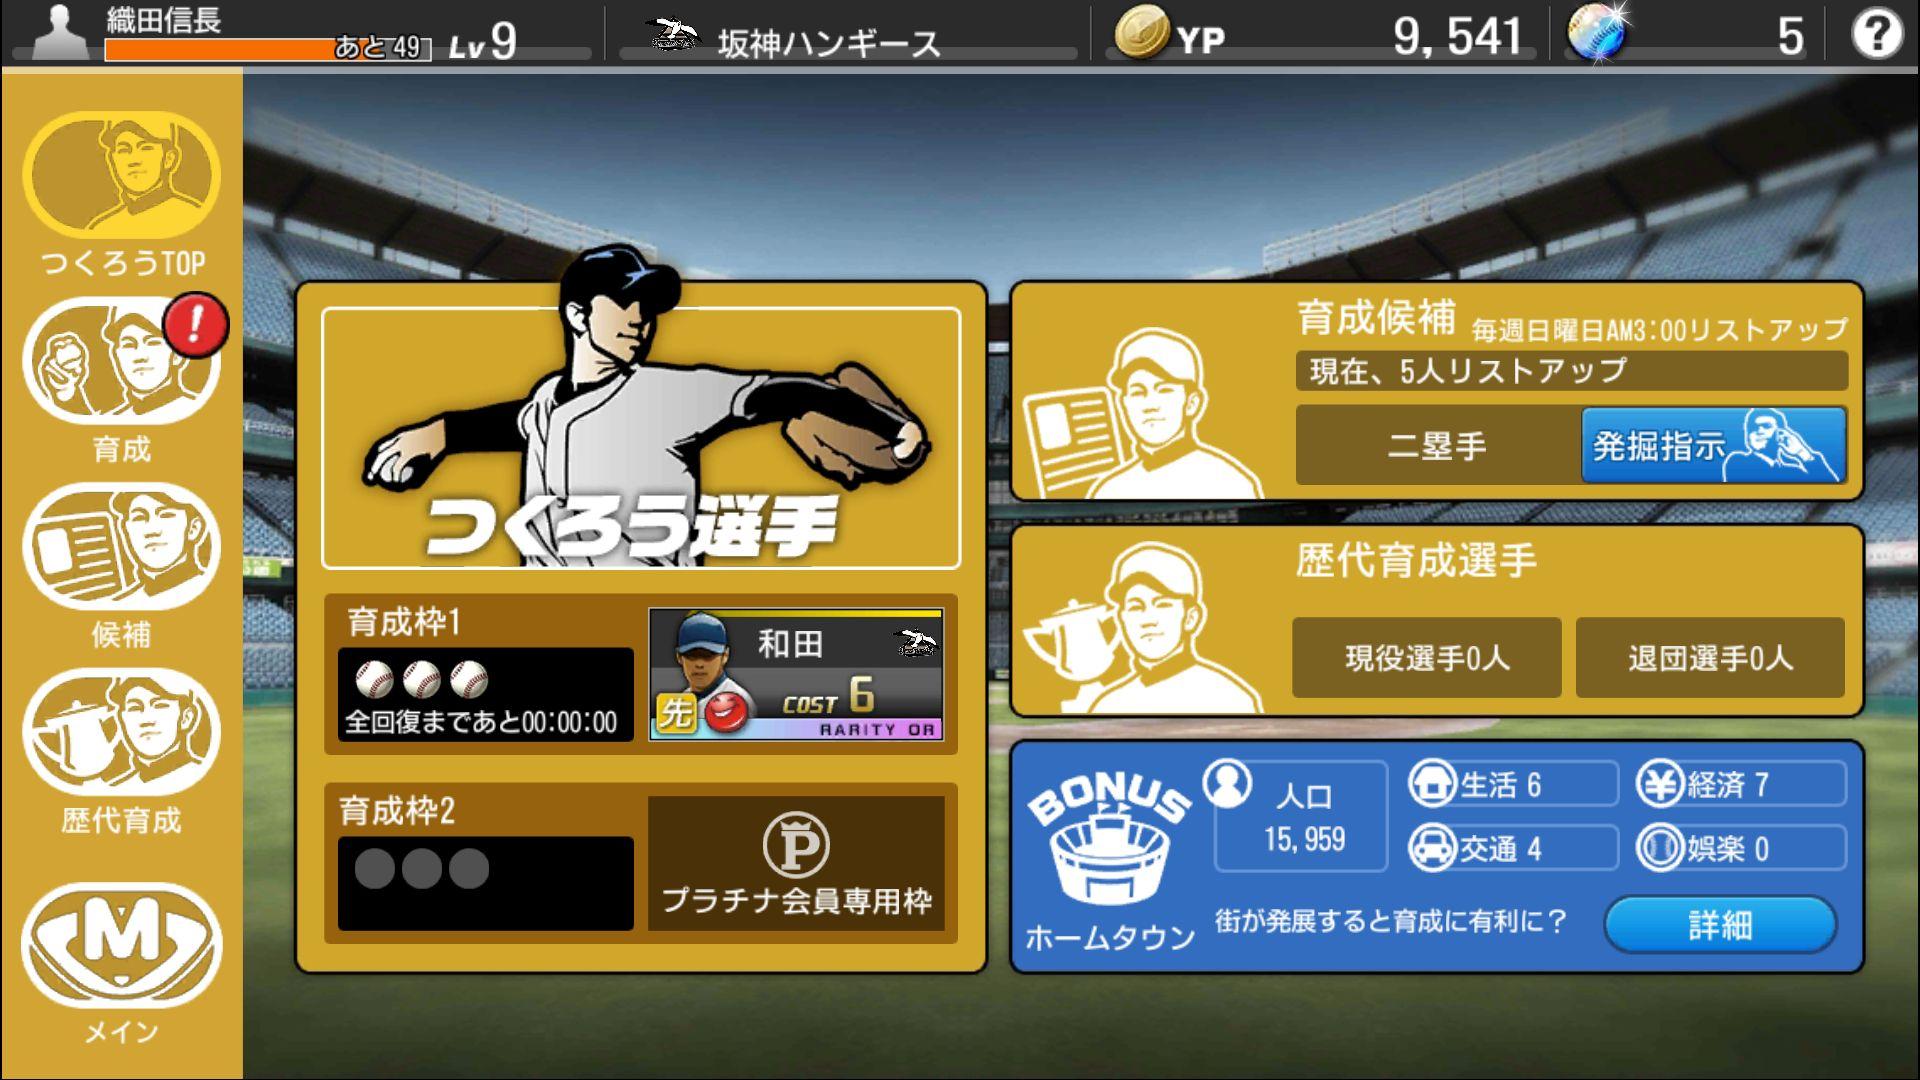 野球つく!! androidアプリスクリーンショット2